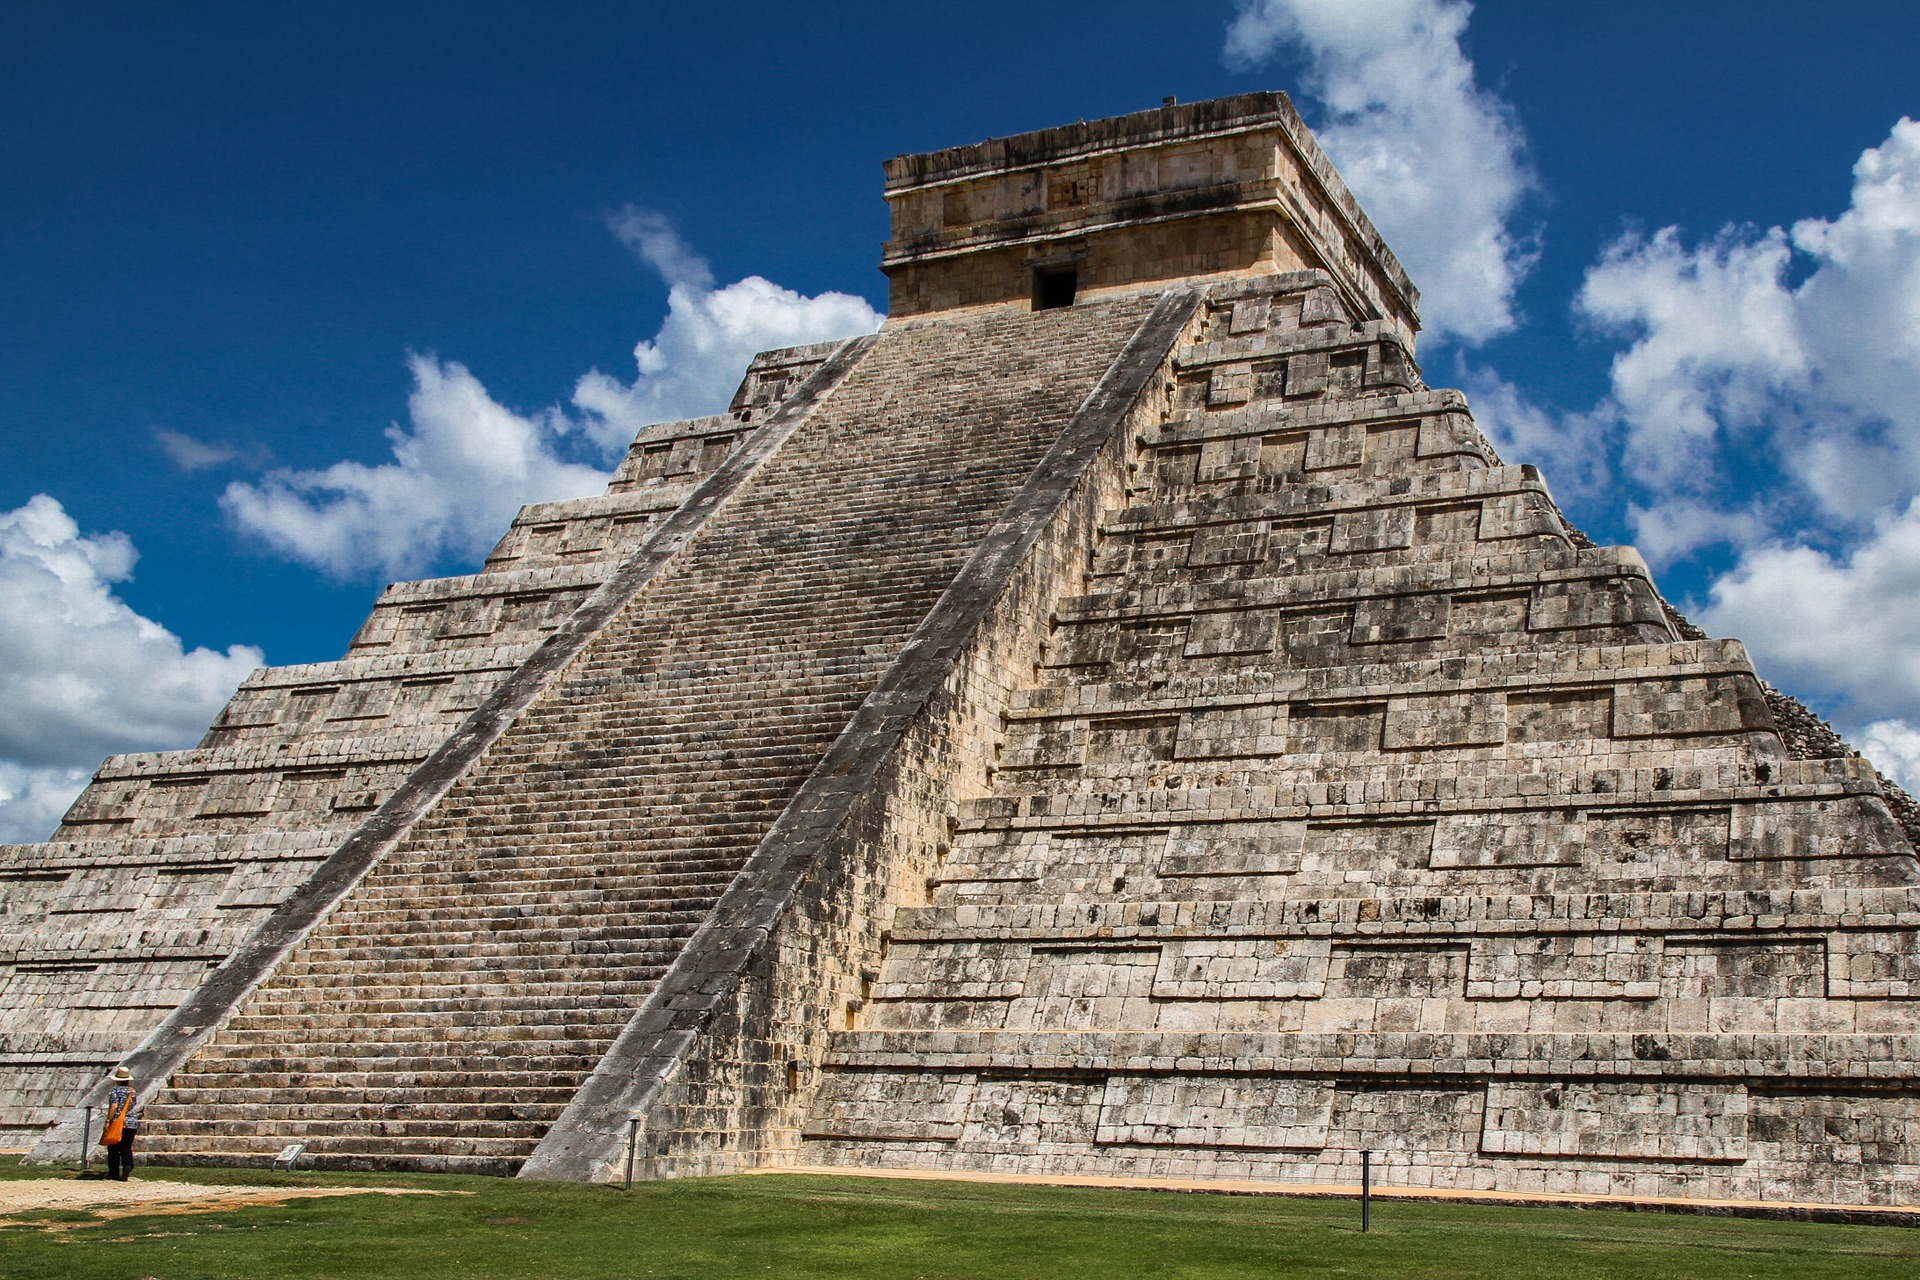 Chichen Itza – Yucatan, Mexico